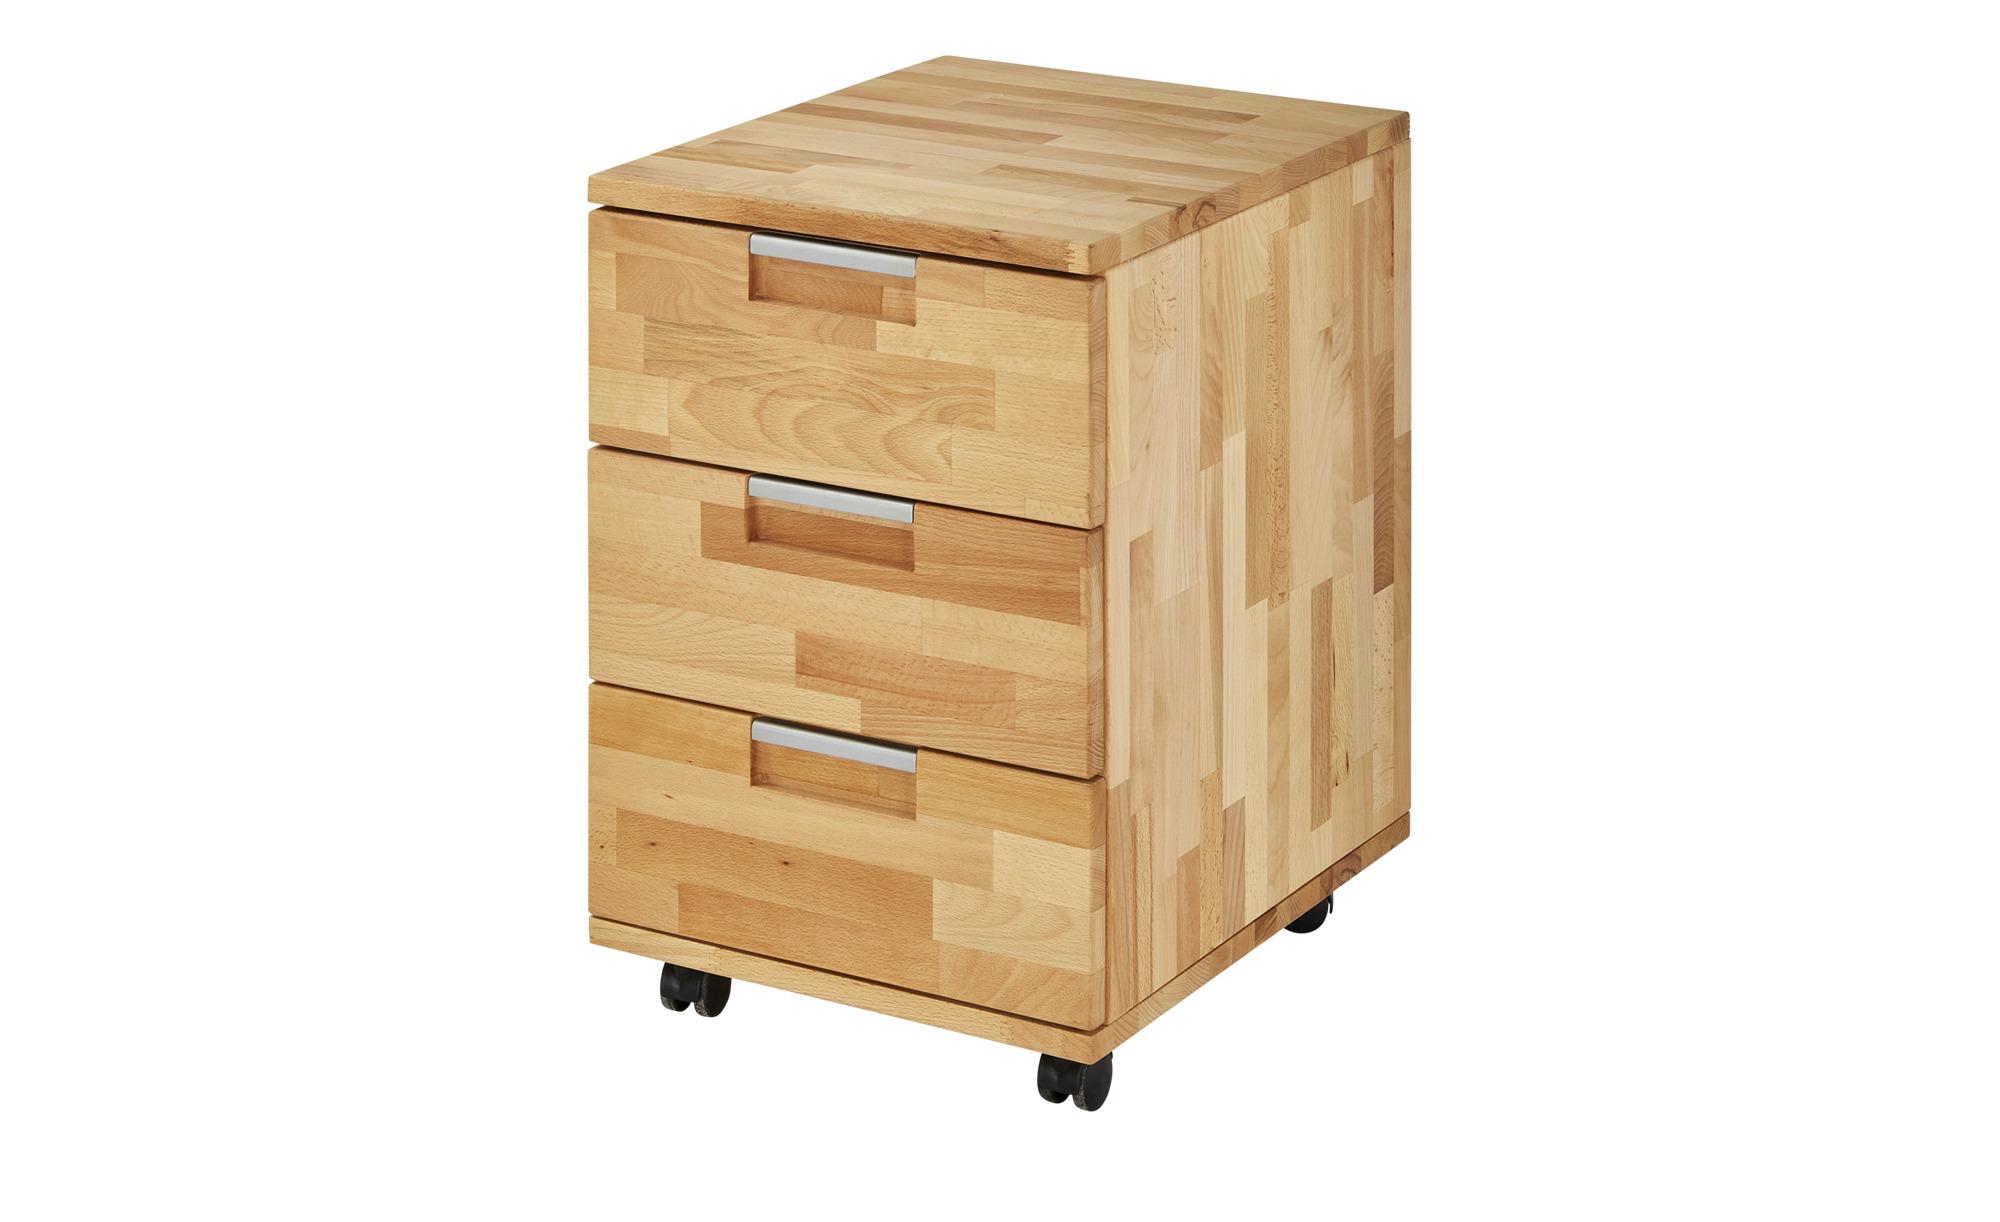 Rollcontainer - holzfarben - 38,5 cm - 59 cm - 46,5 cm - Schränke > Rollcontainer - Möbel Kraft | Büro > Büroschränke > Rollcontainer | Möbel Kraft